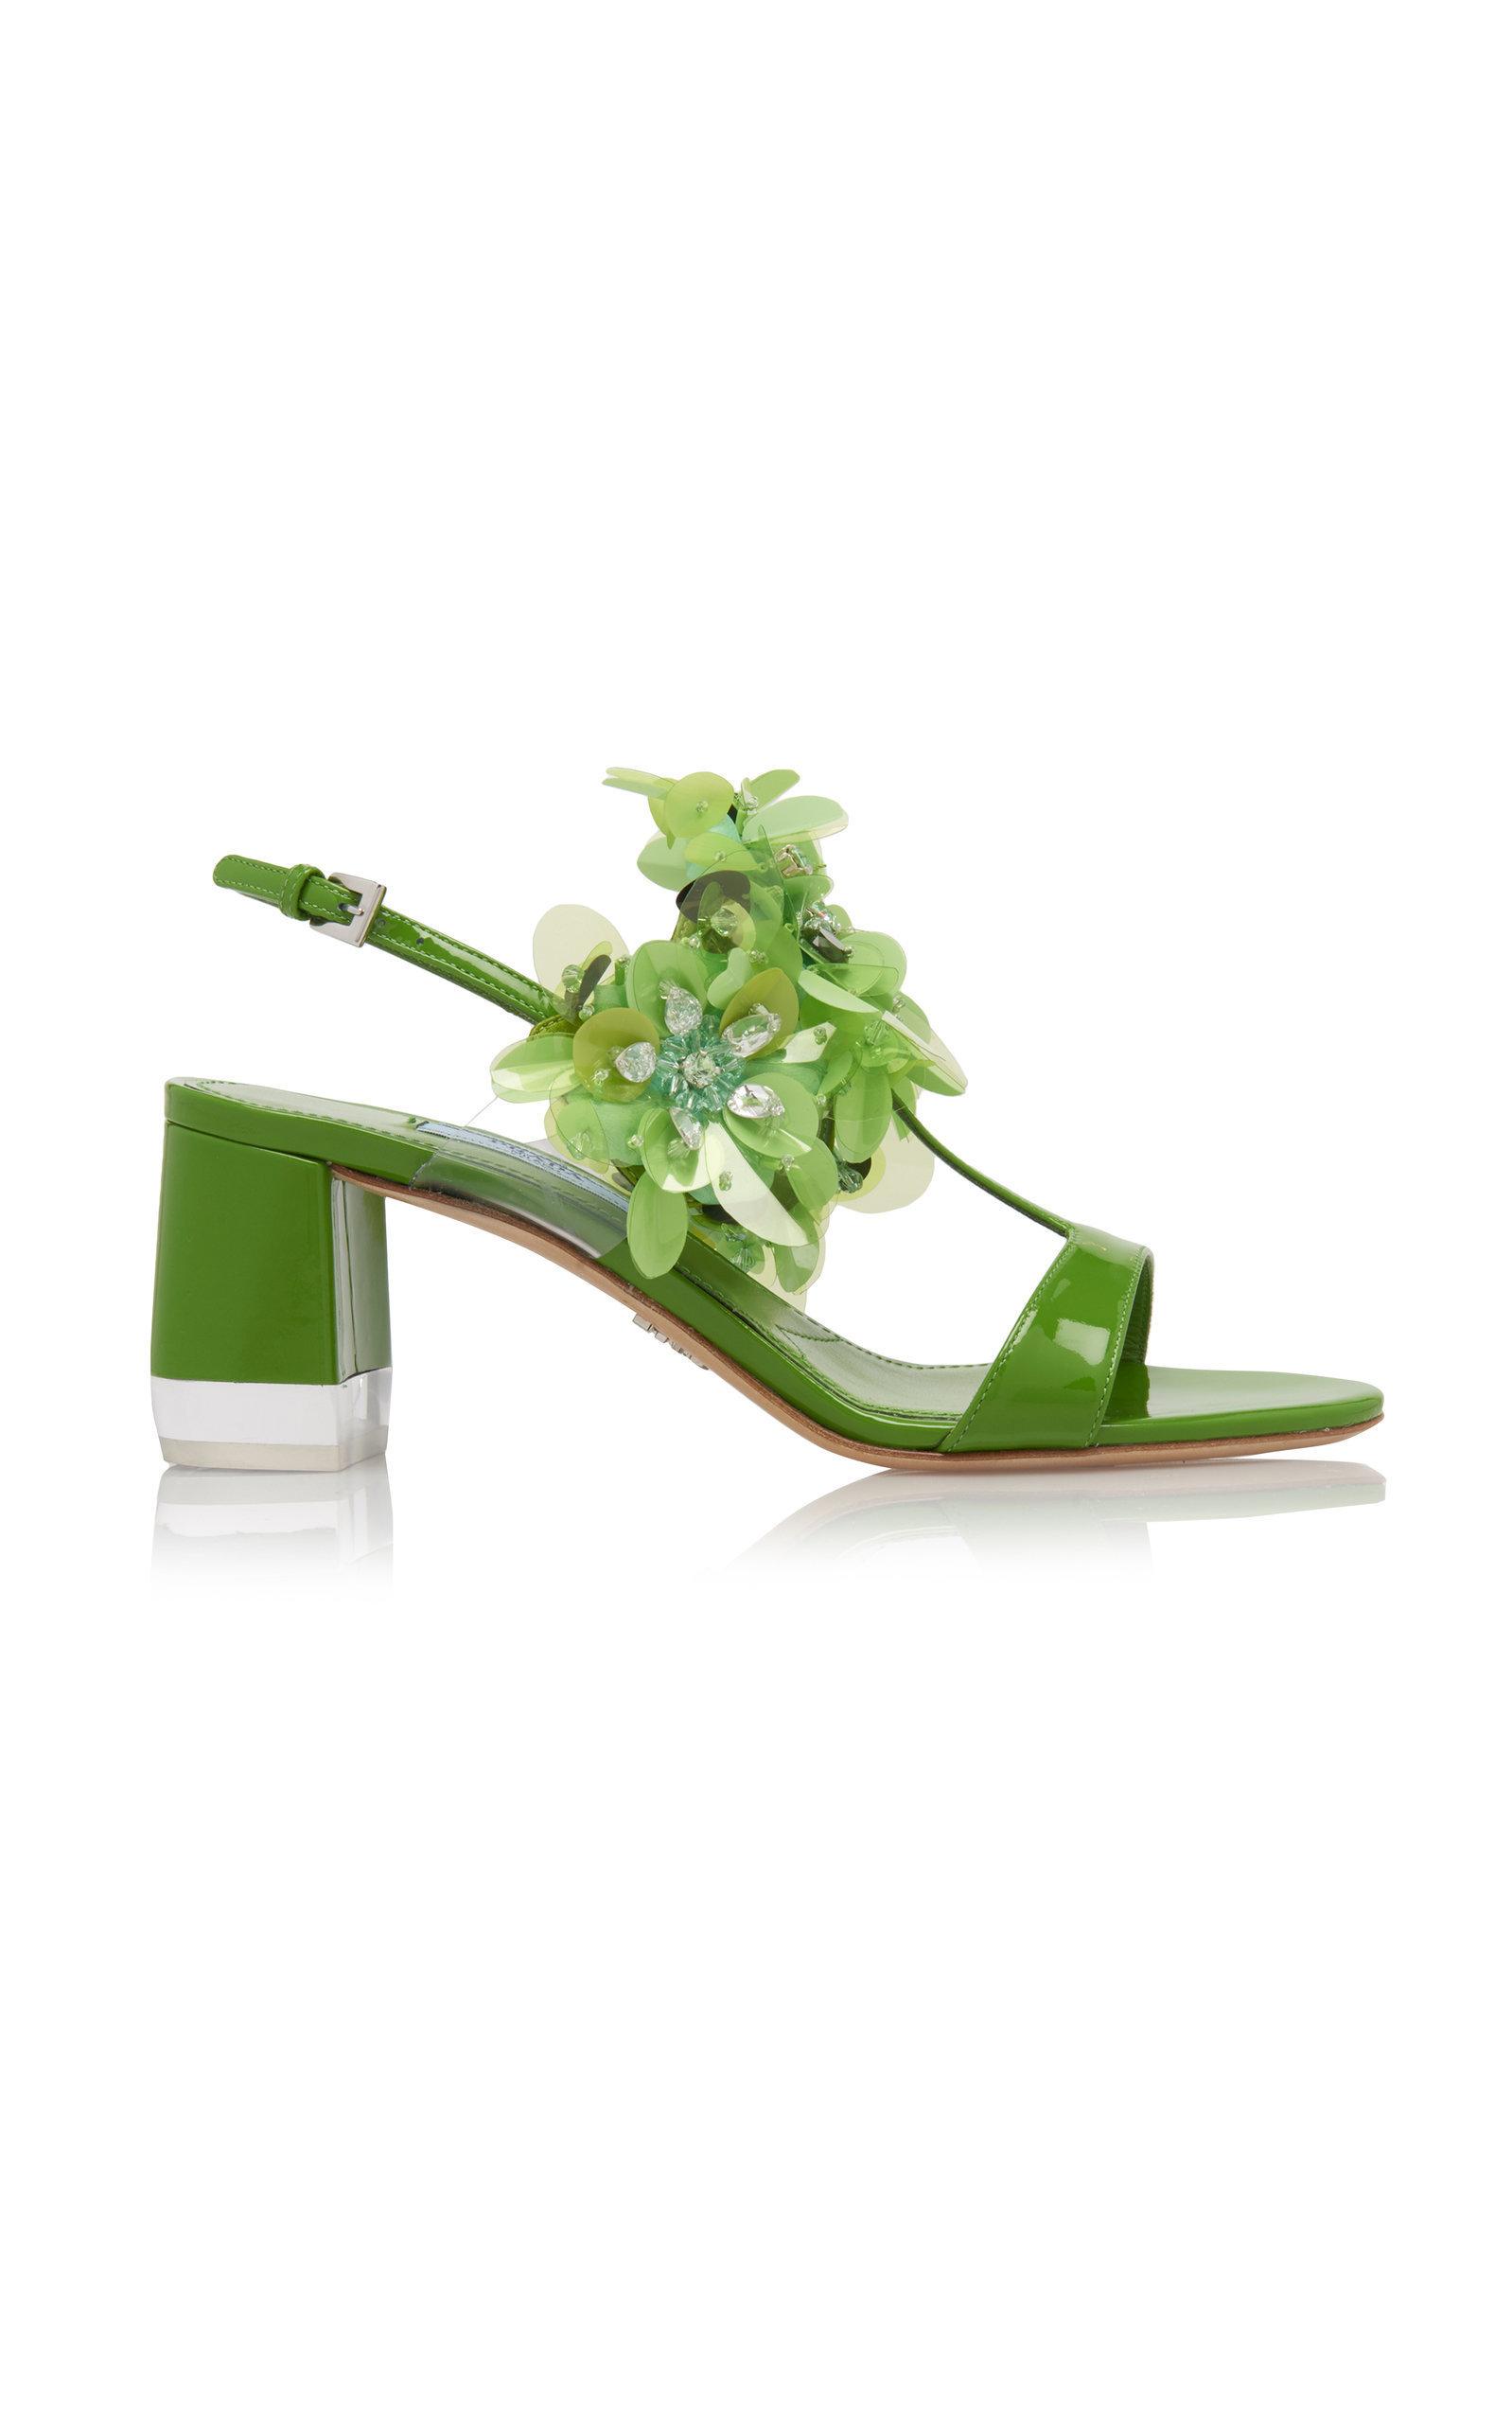 Prada Sandals $1,050